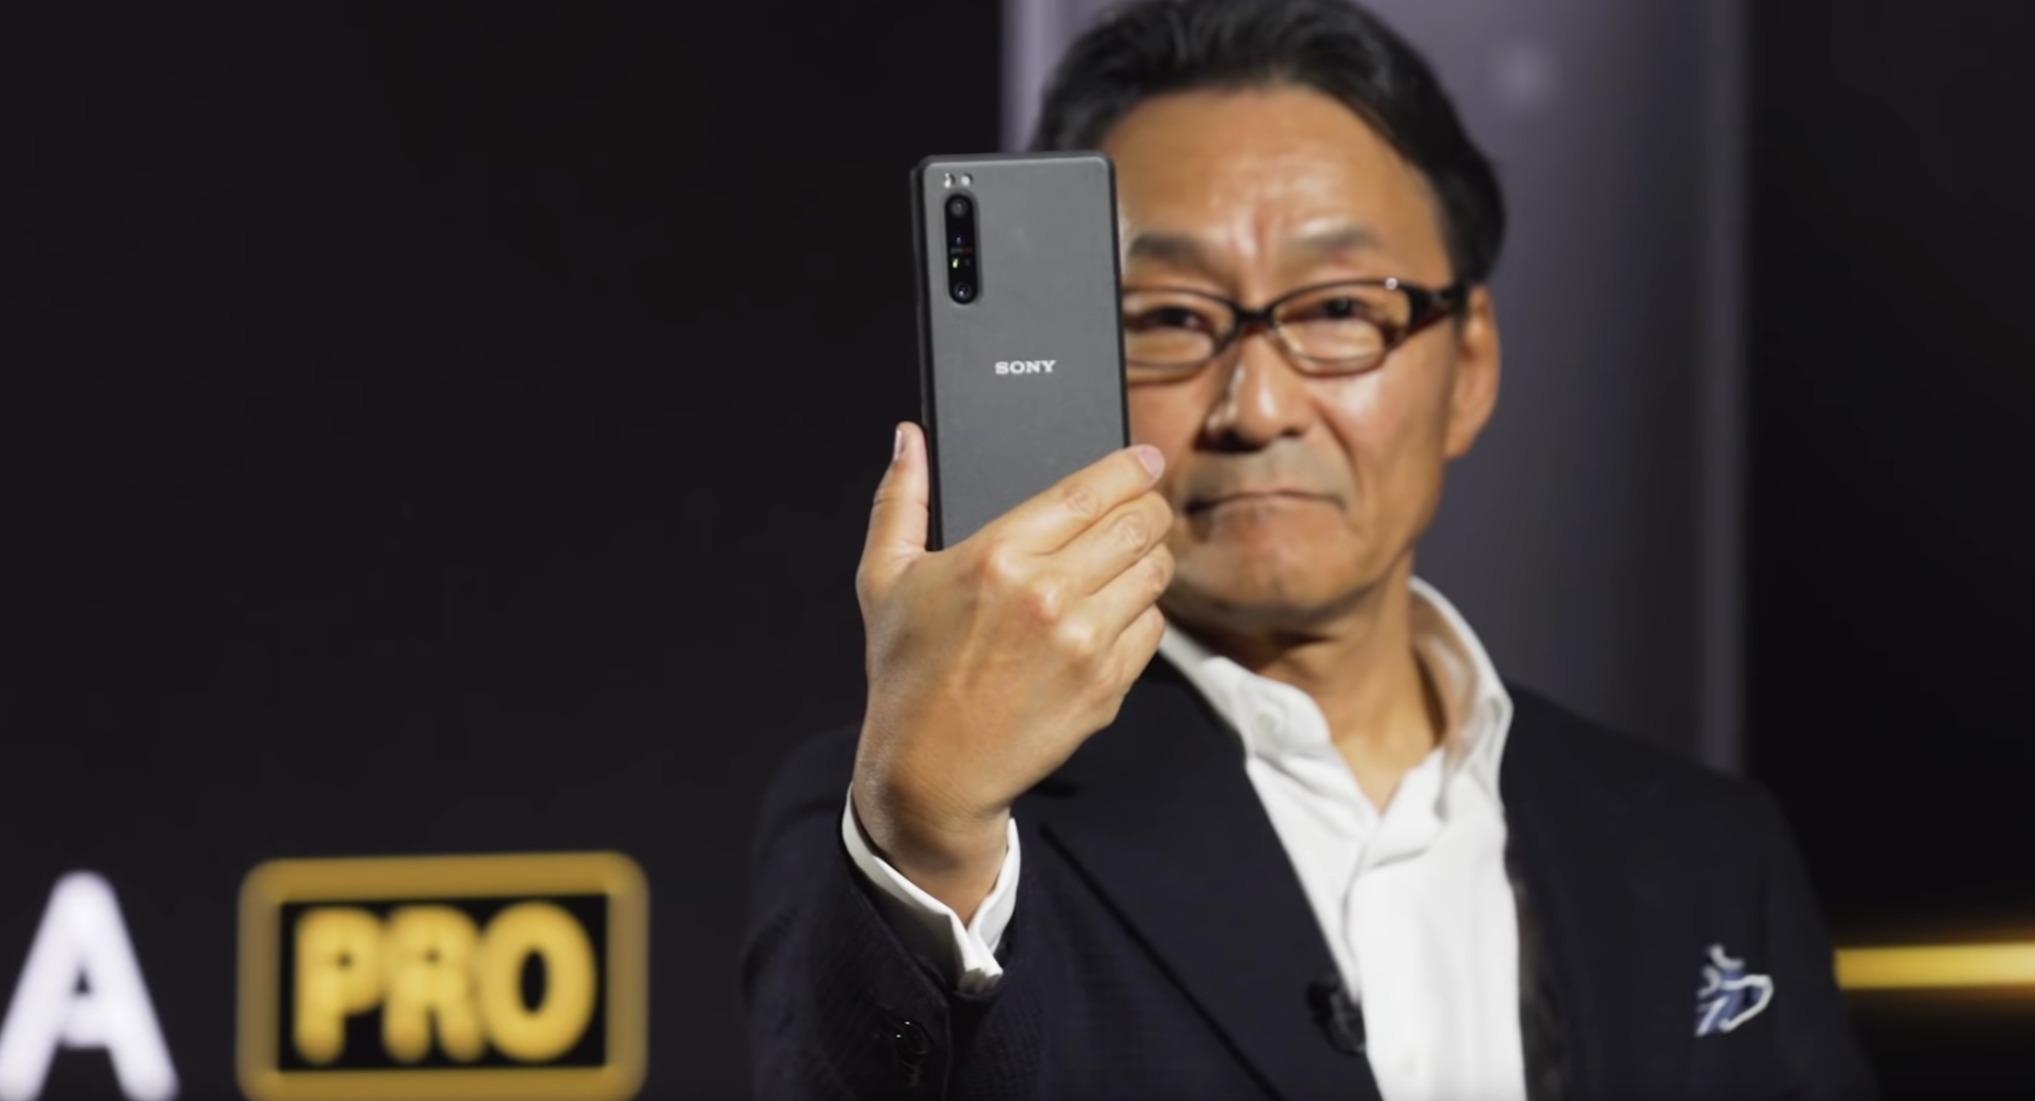 Ohne-Gold-und-Diamanten-W-rdest-du-2-500-Dollar-f-r-das-neuste-Xperia-Smartphone-zahlen-